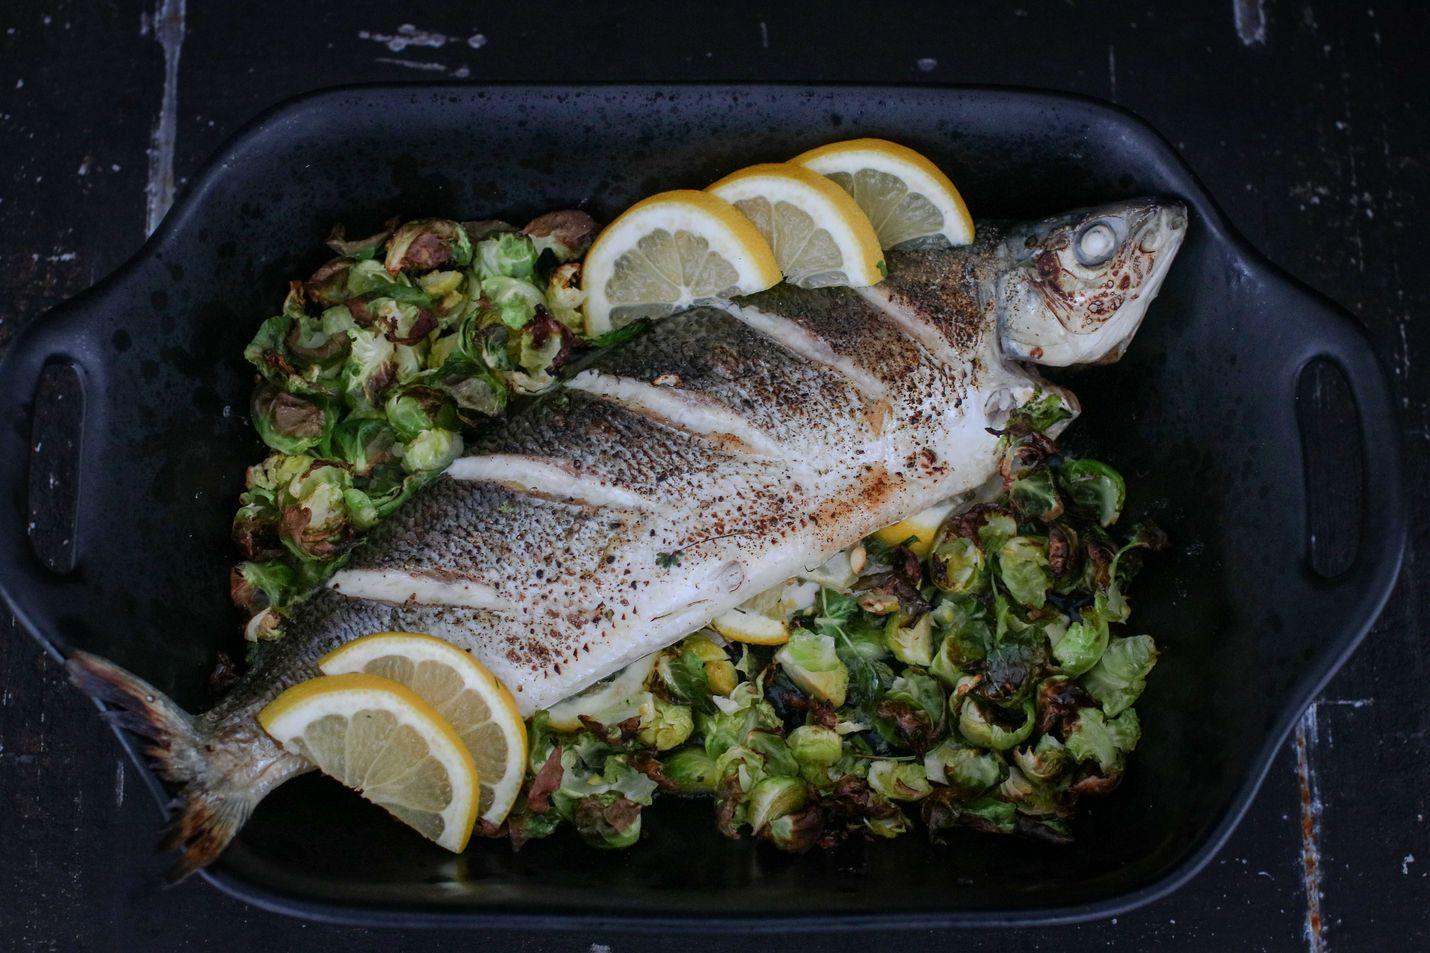 Kokonaisen kalan valmistaminen on todella yksinkertaista, eikä tuore kala kaipaa isoa maustearsenaalia tai kastikkeita. Ruusukaalisipsit tuovat annokseen rouskua.